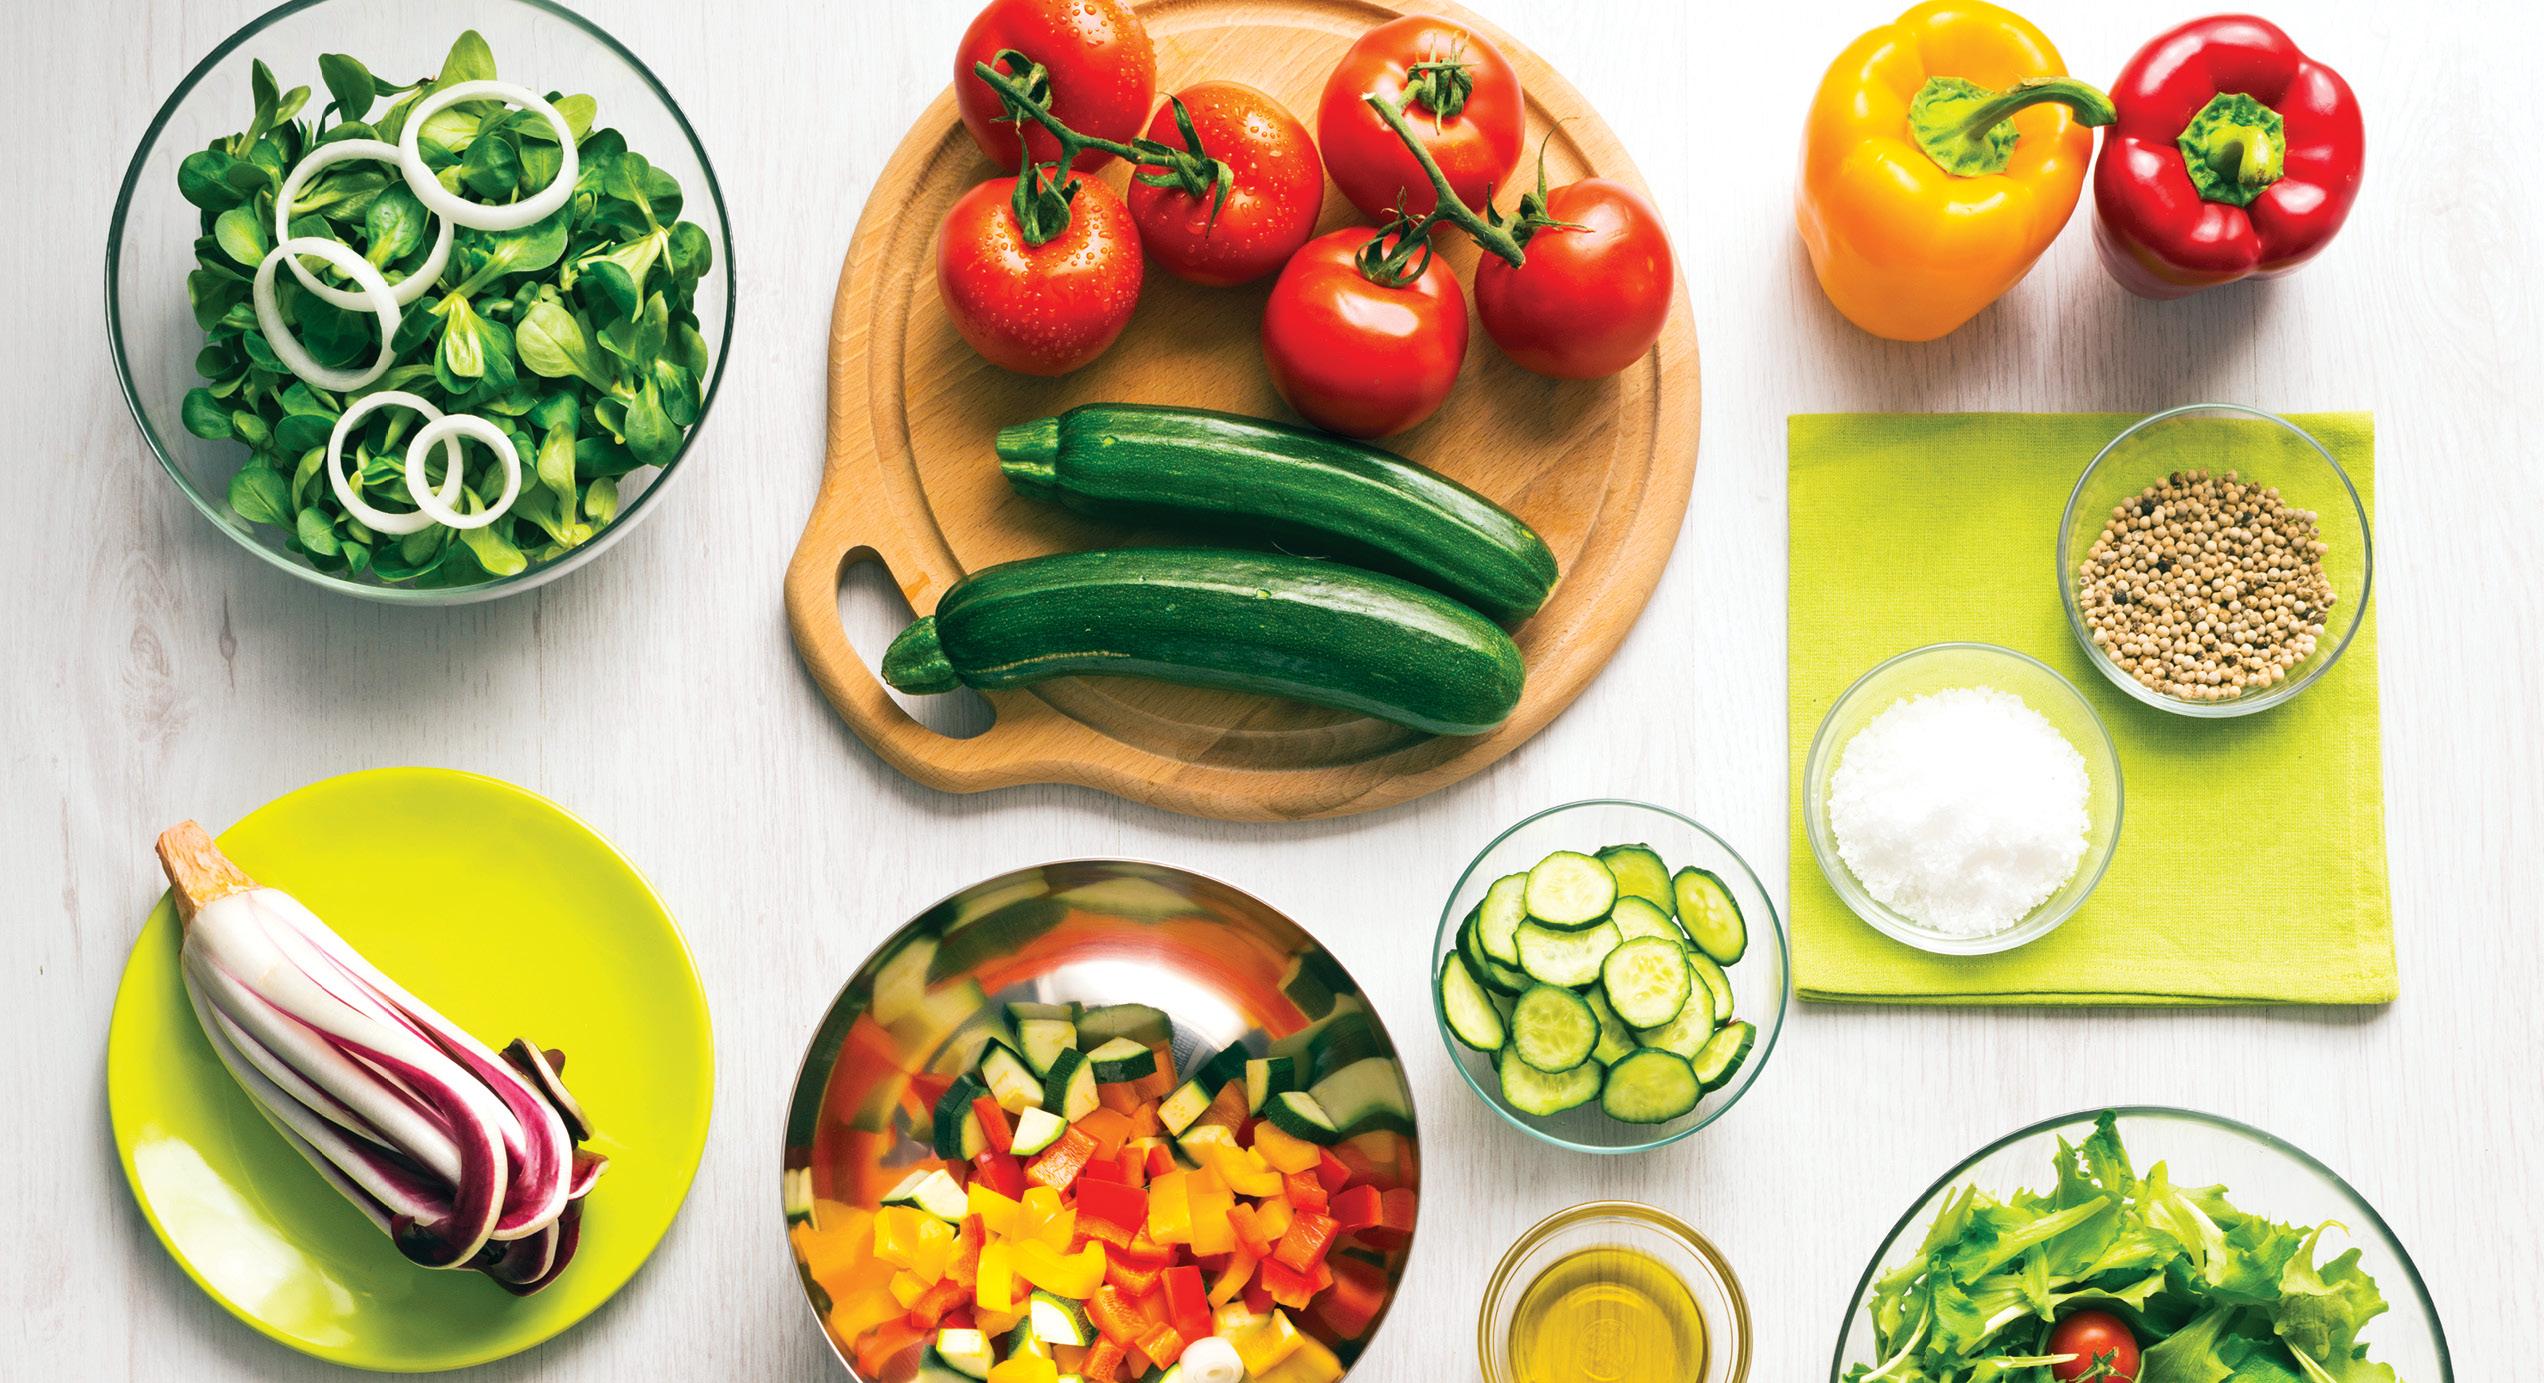 ۱۰ تاییهای مهمِ تغذیه